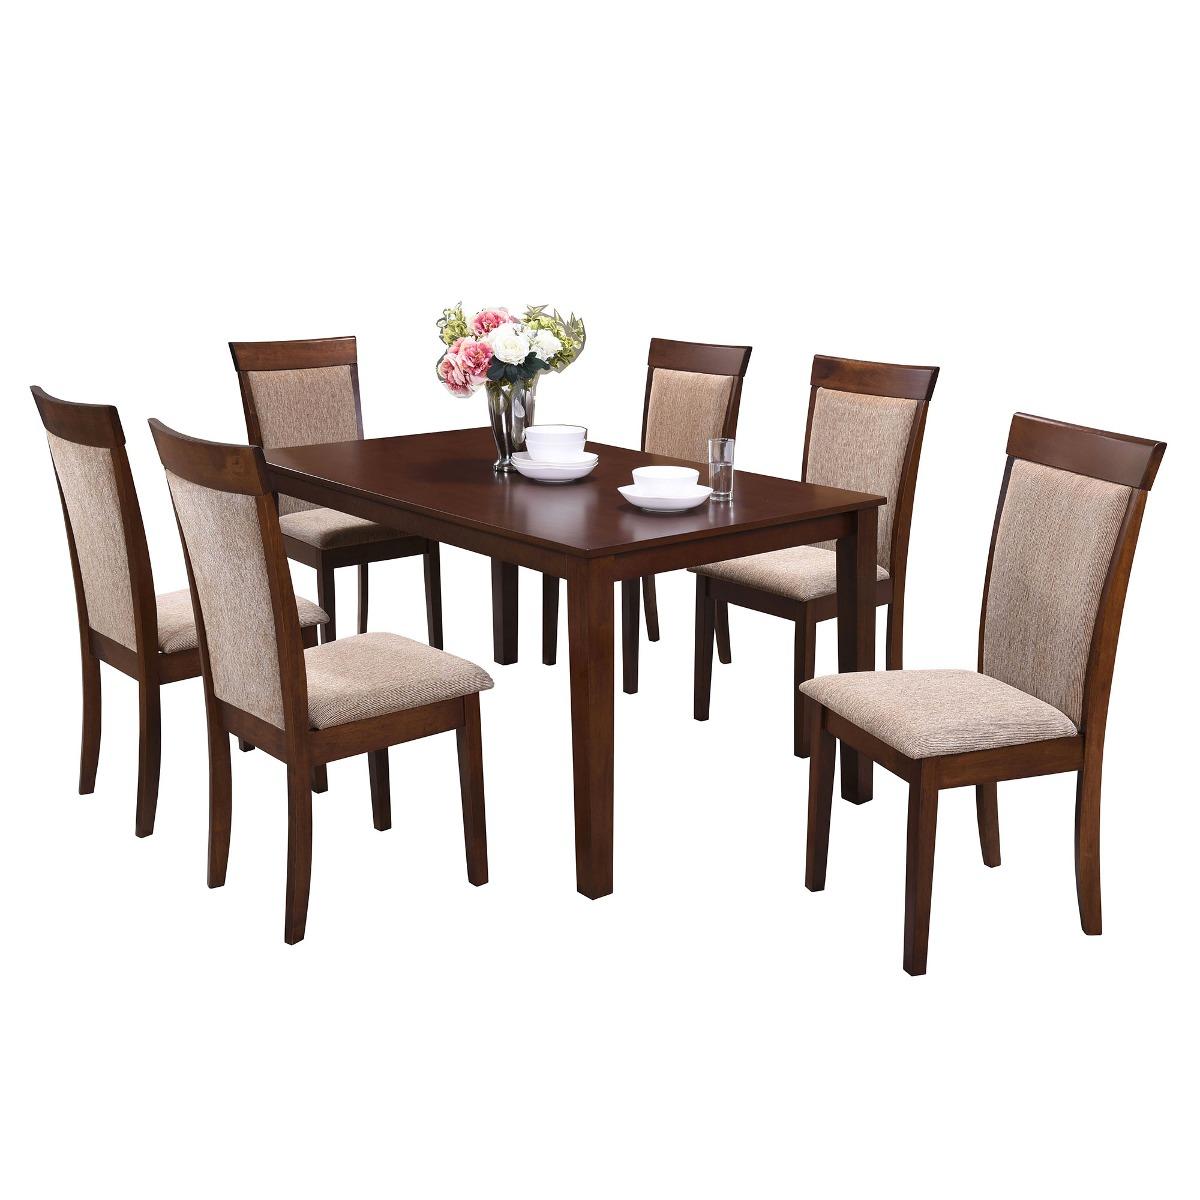 Comedor nantes 6 sillas env o gratis en santiago for Comedor 6 sillas usado